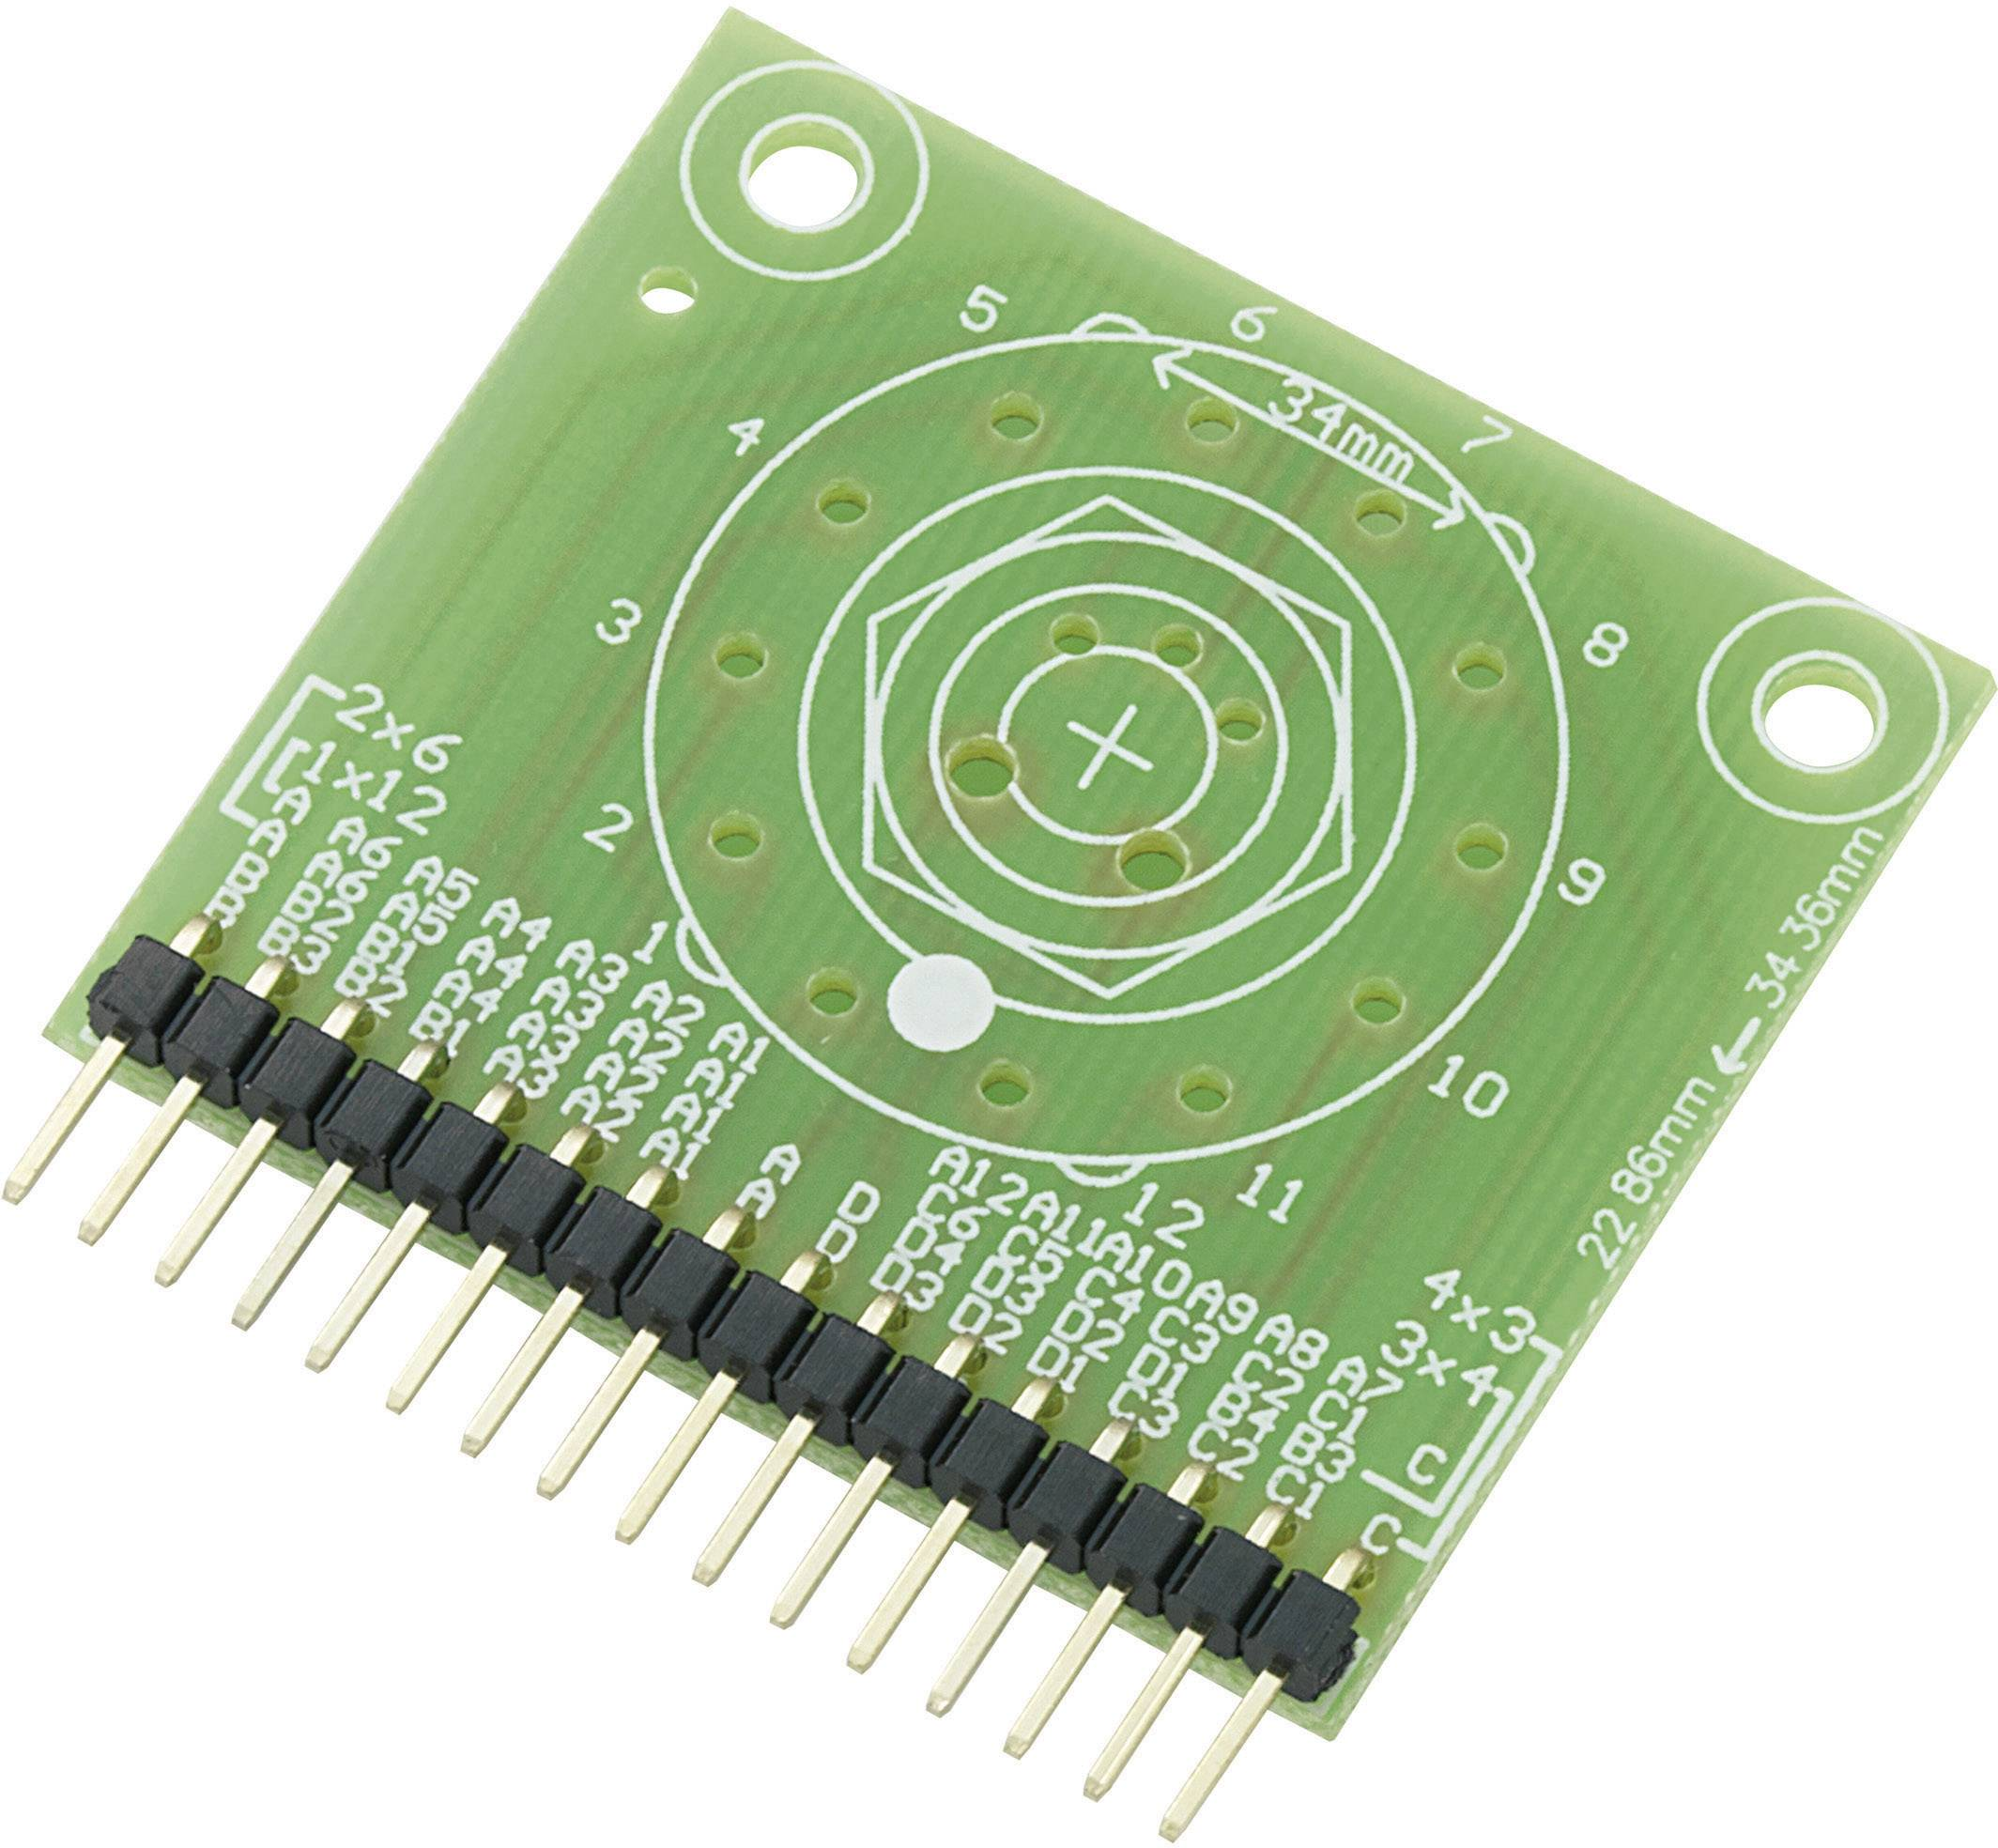 Deska úrovňového přepínače SU709785, 42,7 x 38,3 x 4,6 mm